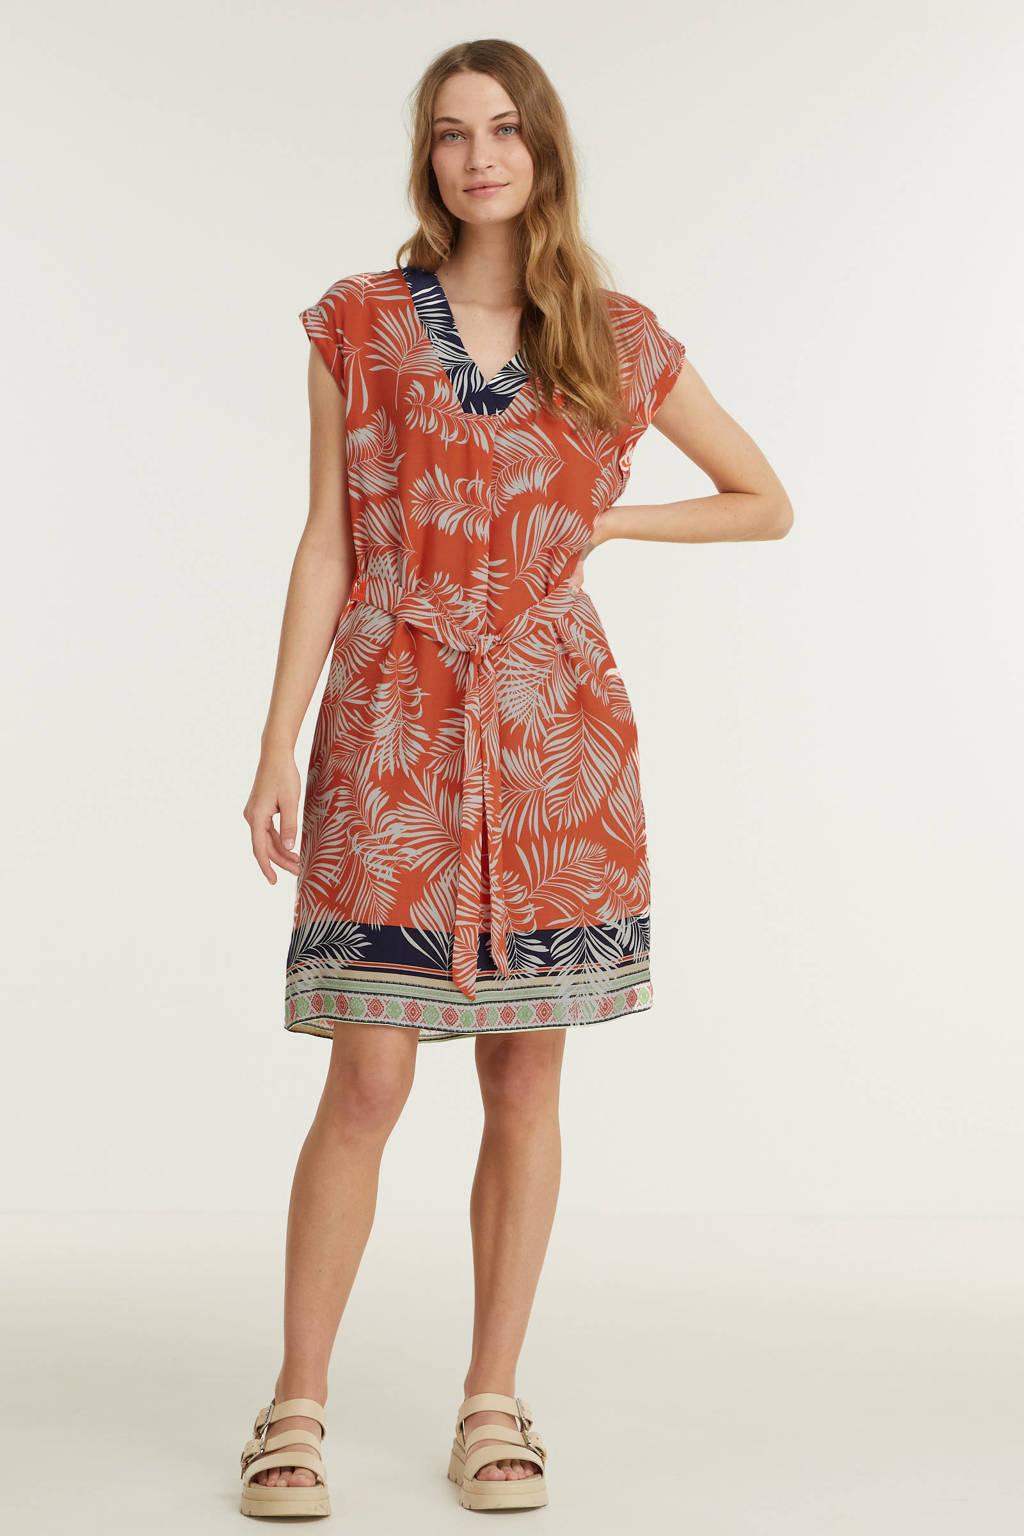 Smashed Lemon A-lijn jurk met all over print koraalrood, Koraalrood